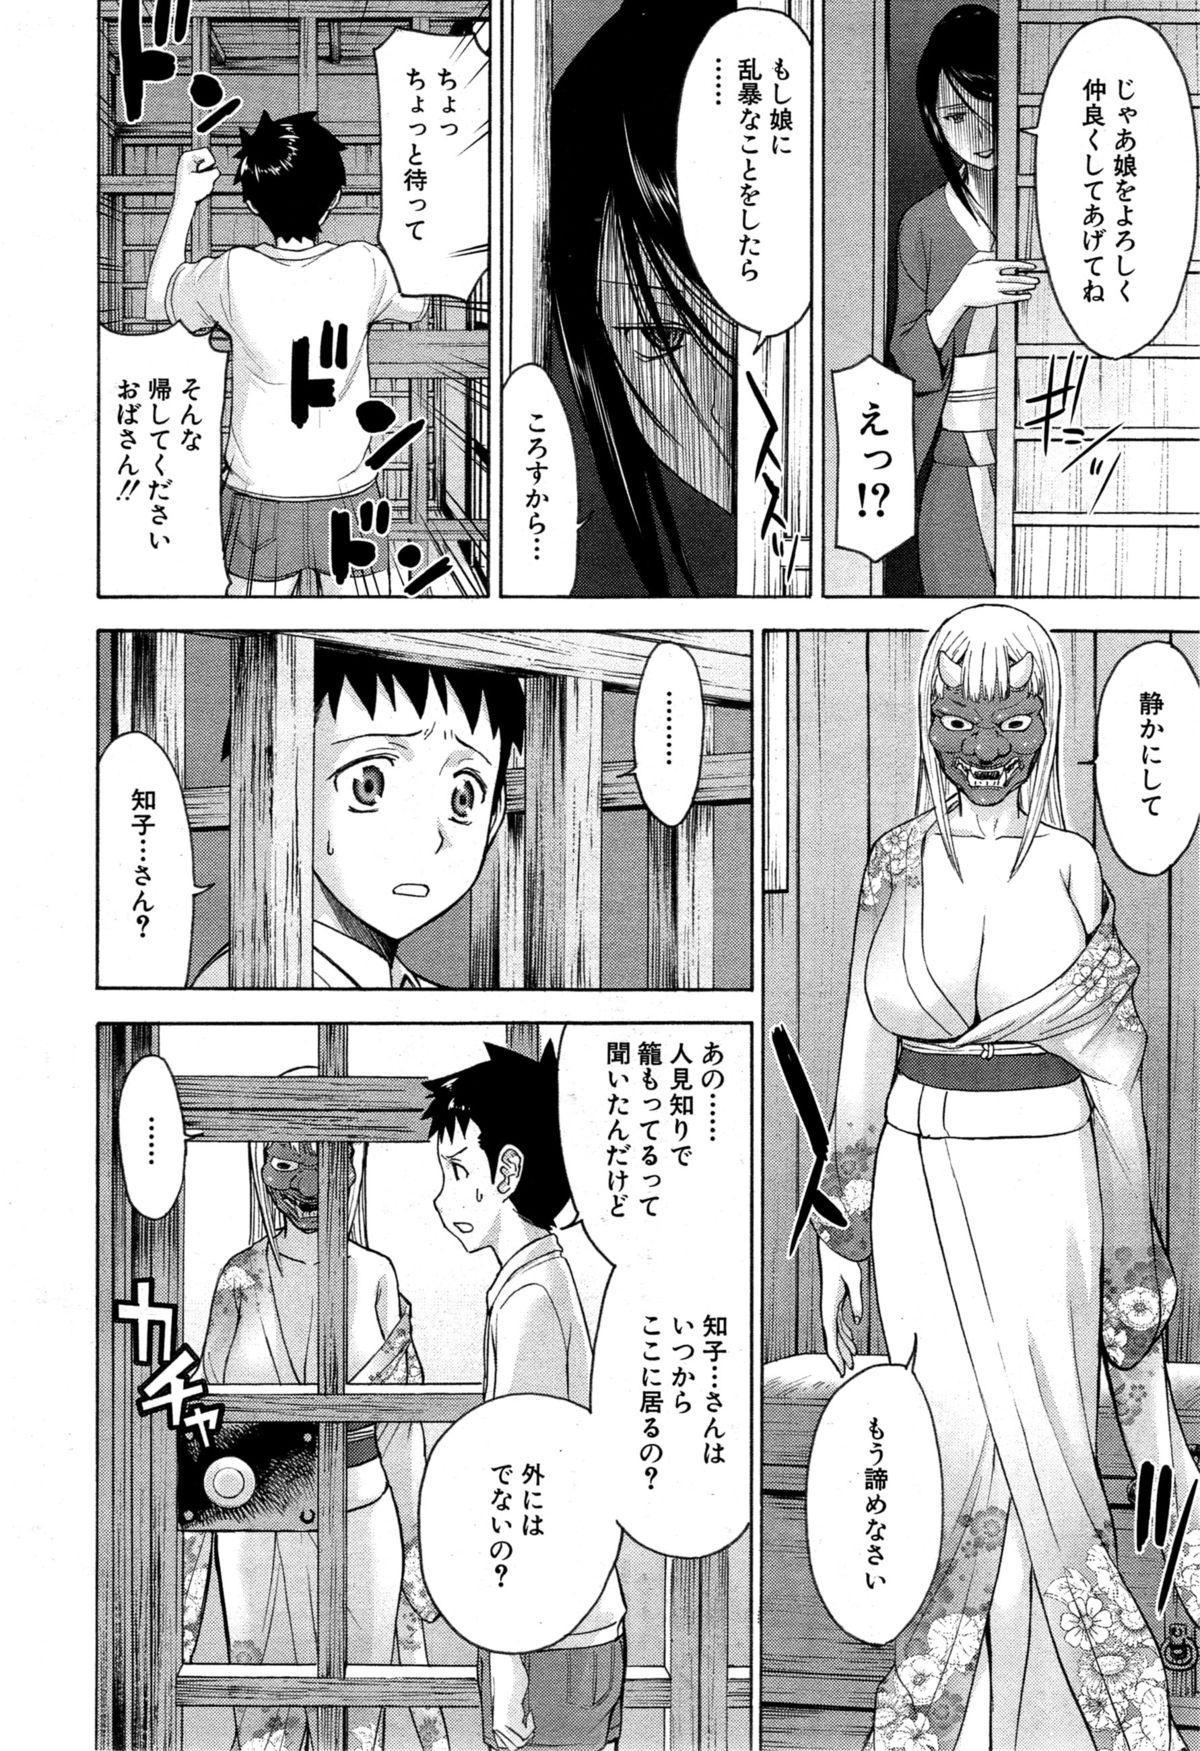 Zashikihime no Omocha Ch. 1-6 37